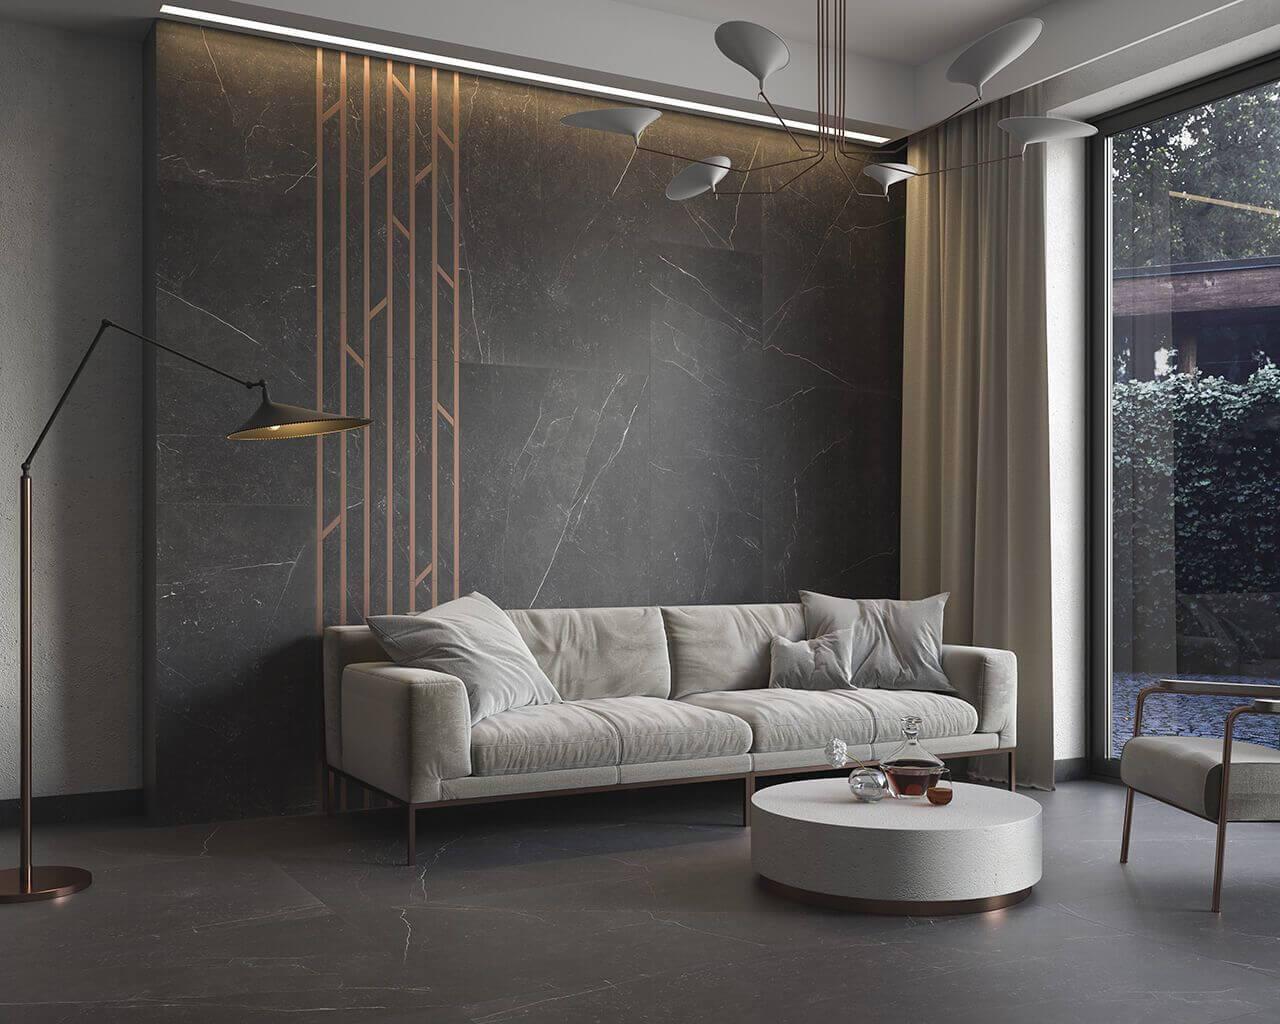 klasyczny-salon-w-ciemnych-kolorach-barro-ceramika-paradyz.jpg